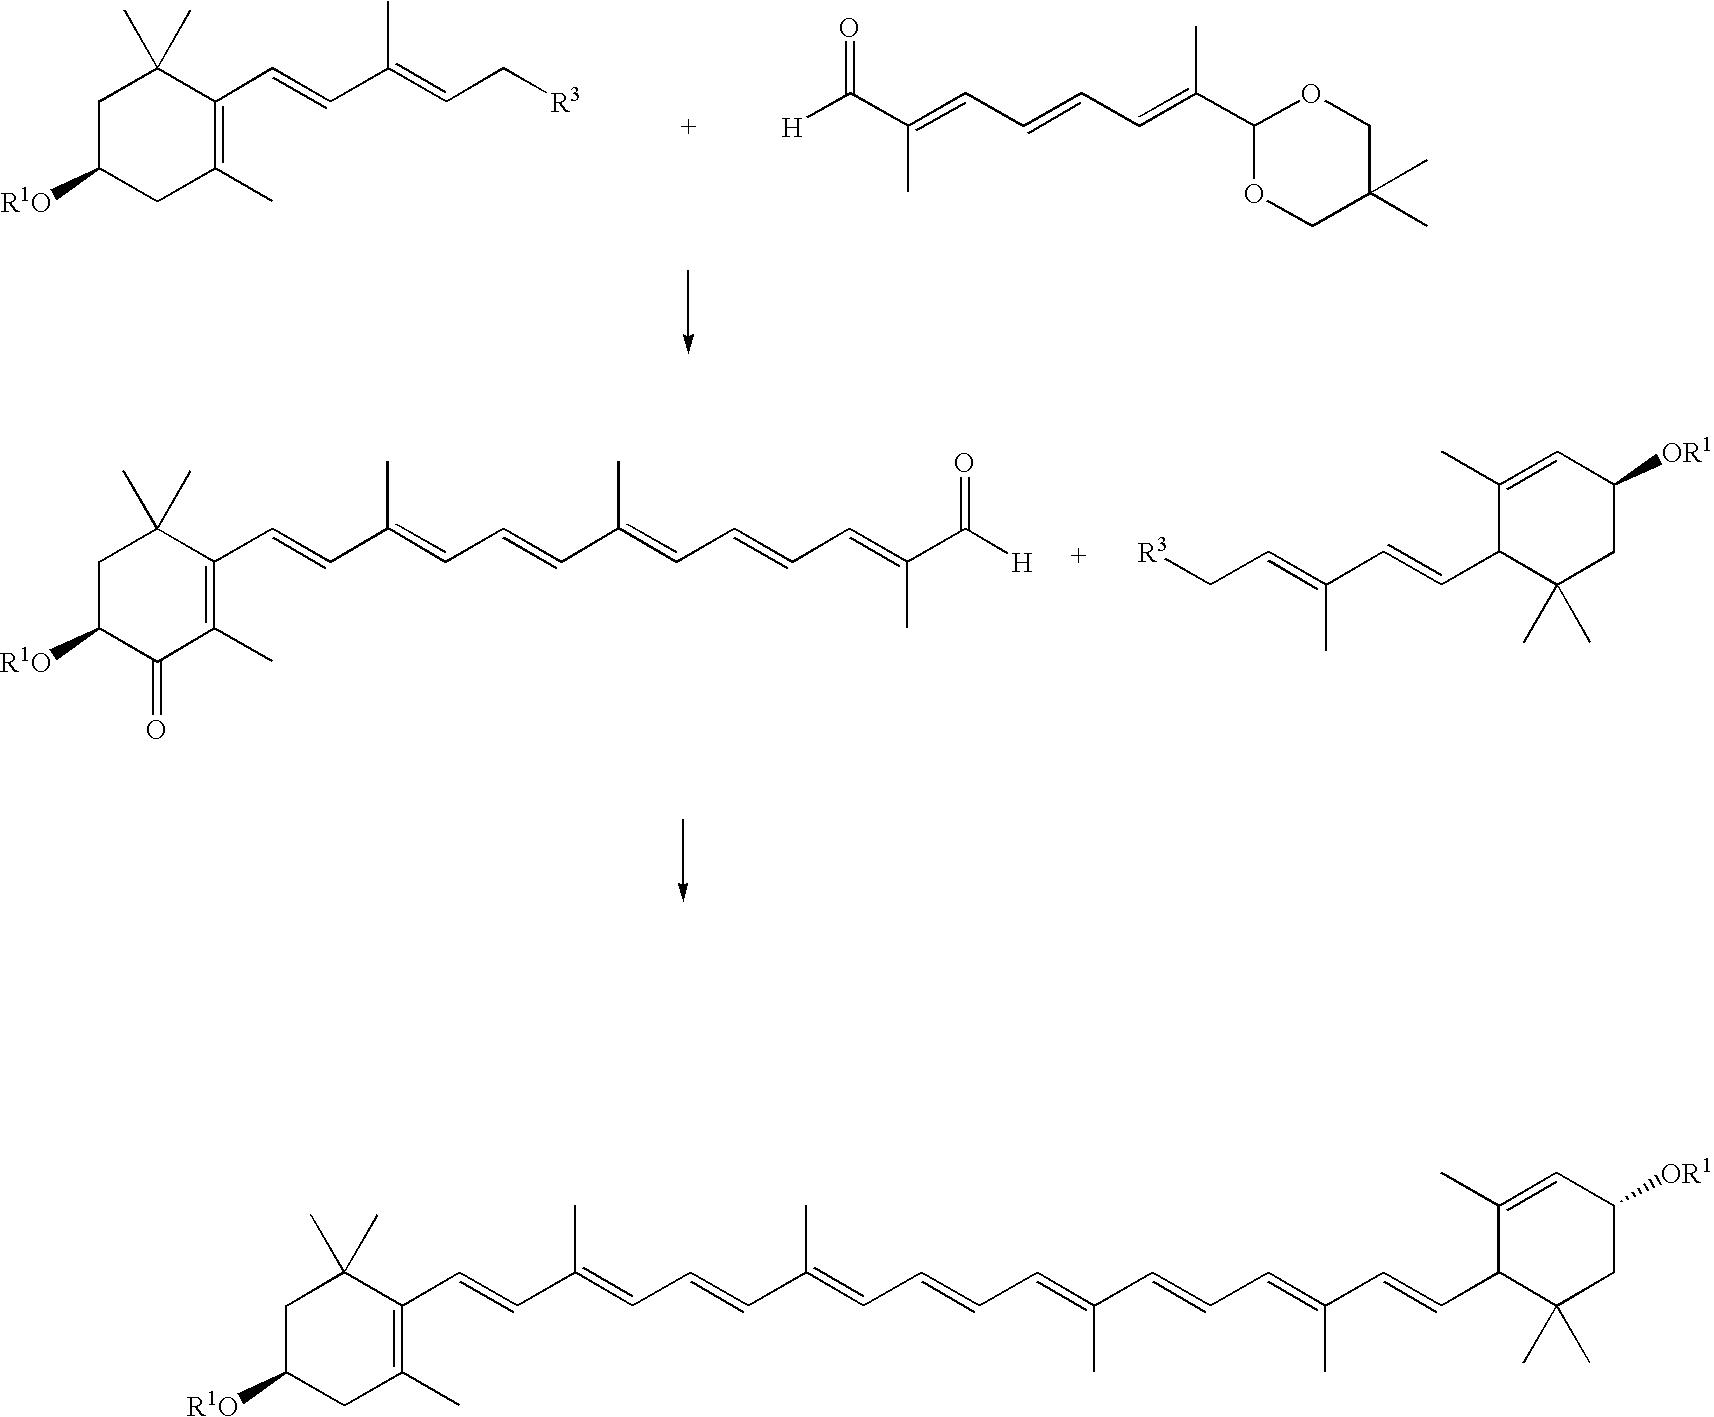 Figure US20060183947A1-20060817-C00041